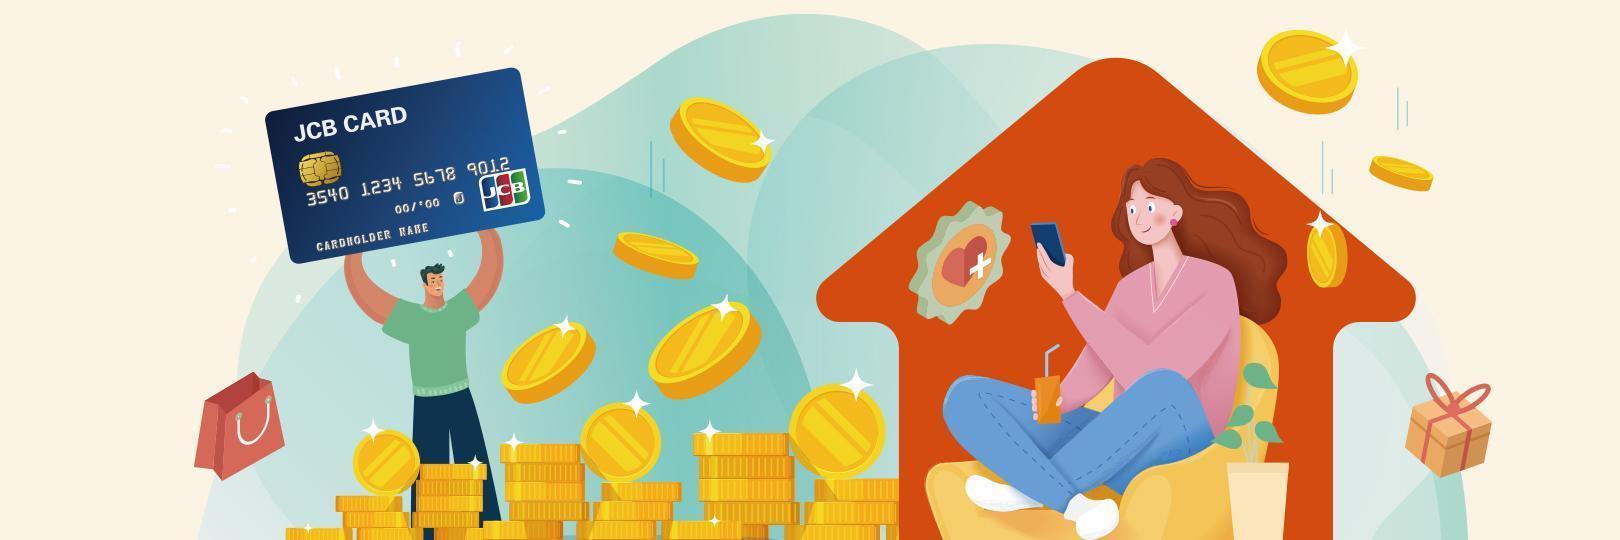 酷暑宅一夏刷台新JCB卡 指定國內網購最高享6%